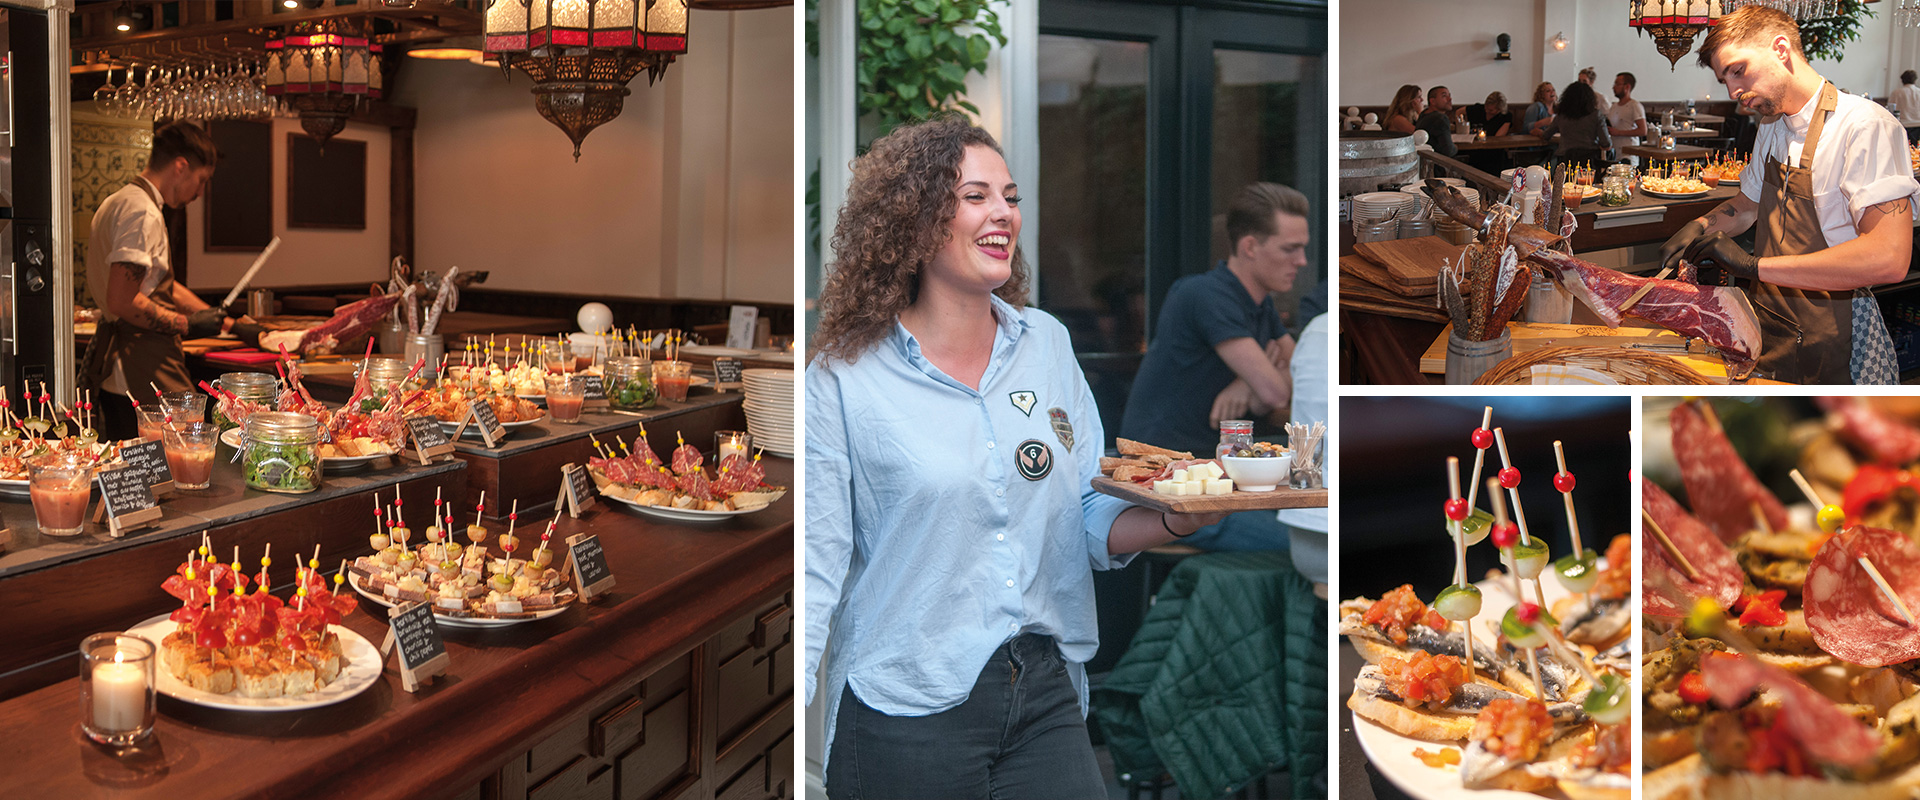 El Patio Breda - Spaanse pinchos en heerlijke wijnen en Spaanse bieren